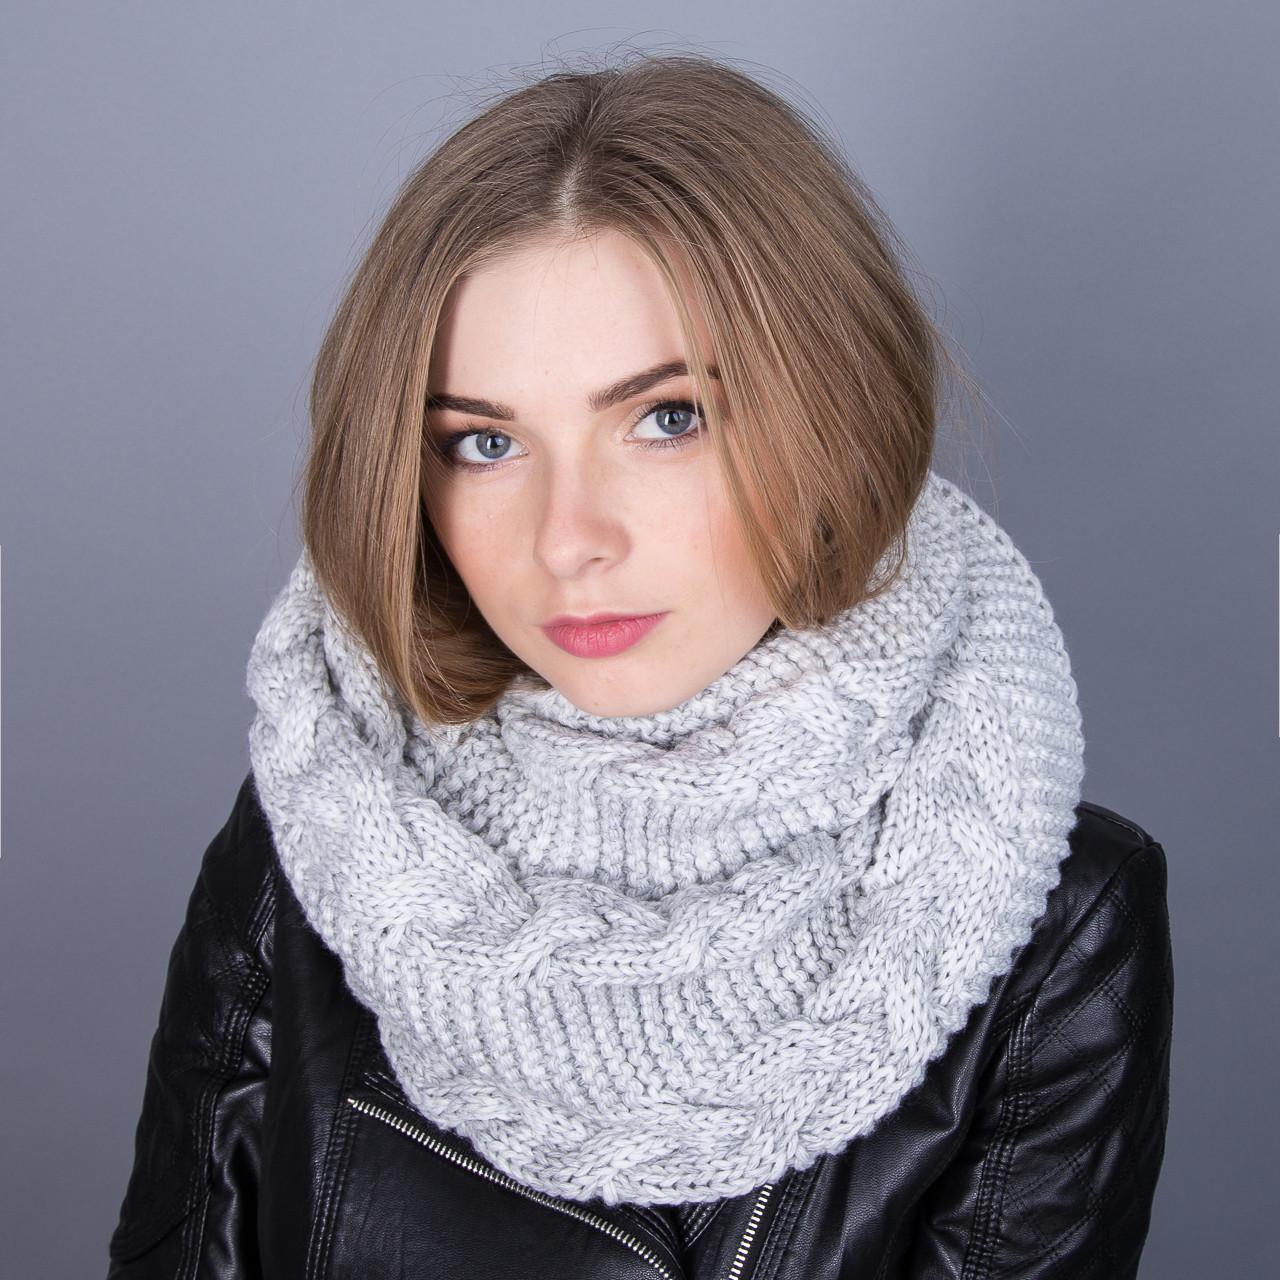 Стильныйснуд (хомут)для девушек крупной вязки из ангорки - Артикул ТХ-1C